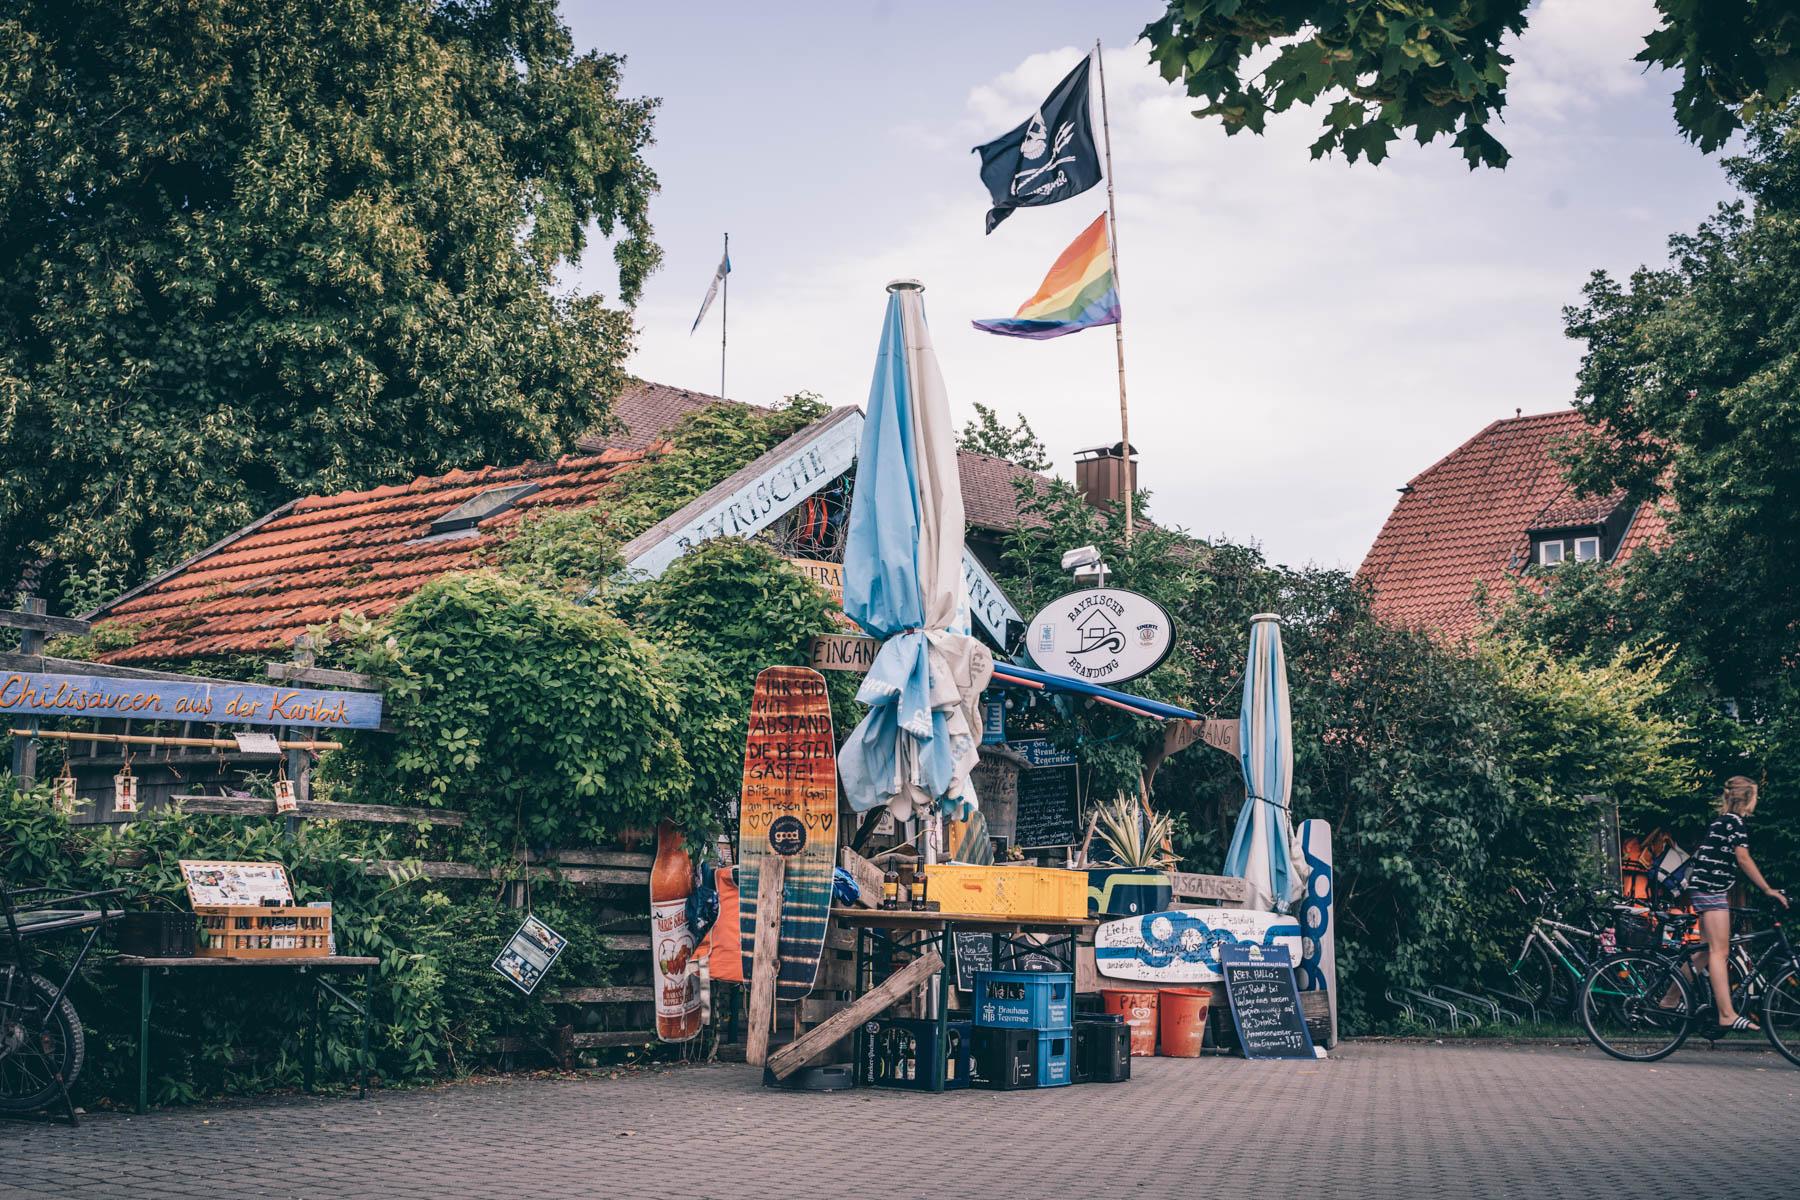 Willkommen in der Bayerischen Brandung! – ©wunderland media GmbH